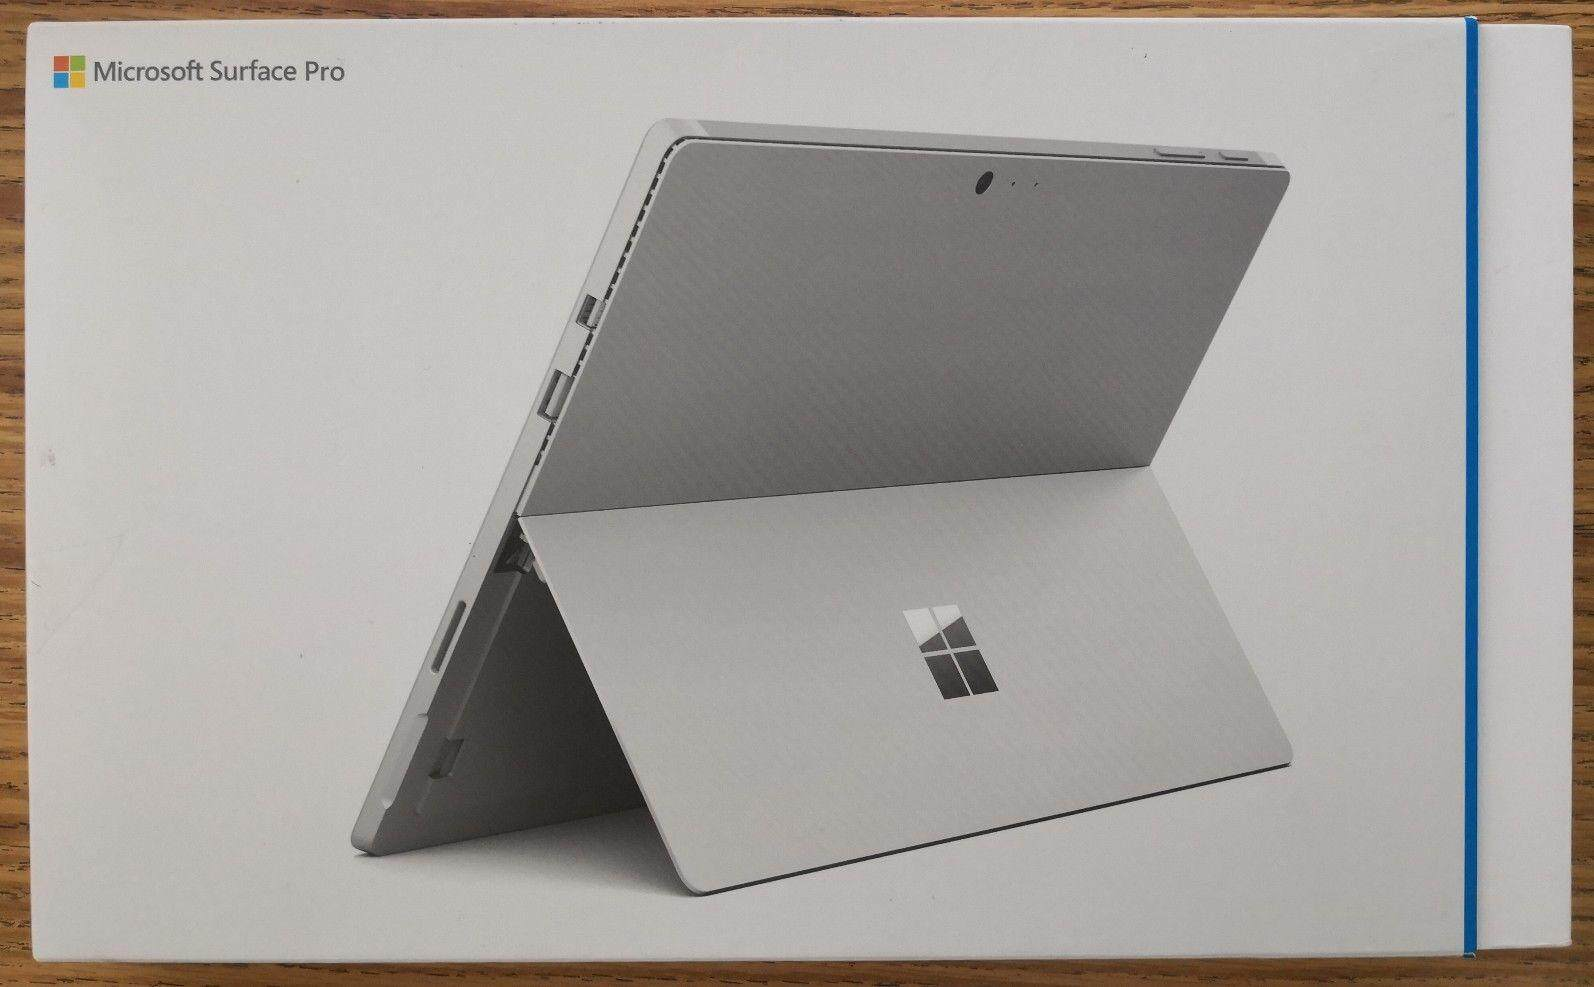 Microsoft Surface Pro 4 i5 128GB, 4GB RAM + W/ WARRANTY + FREE PEN Malaysia